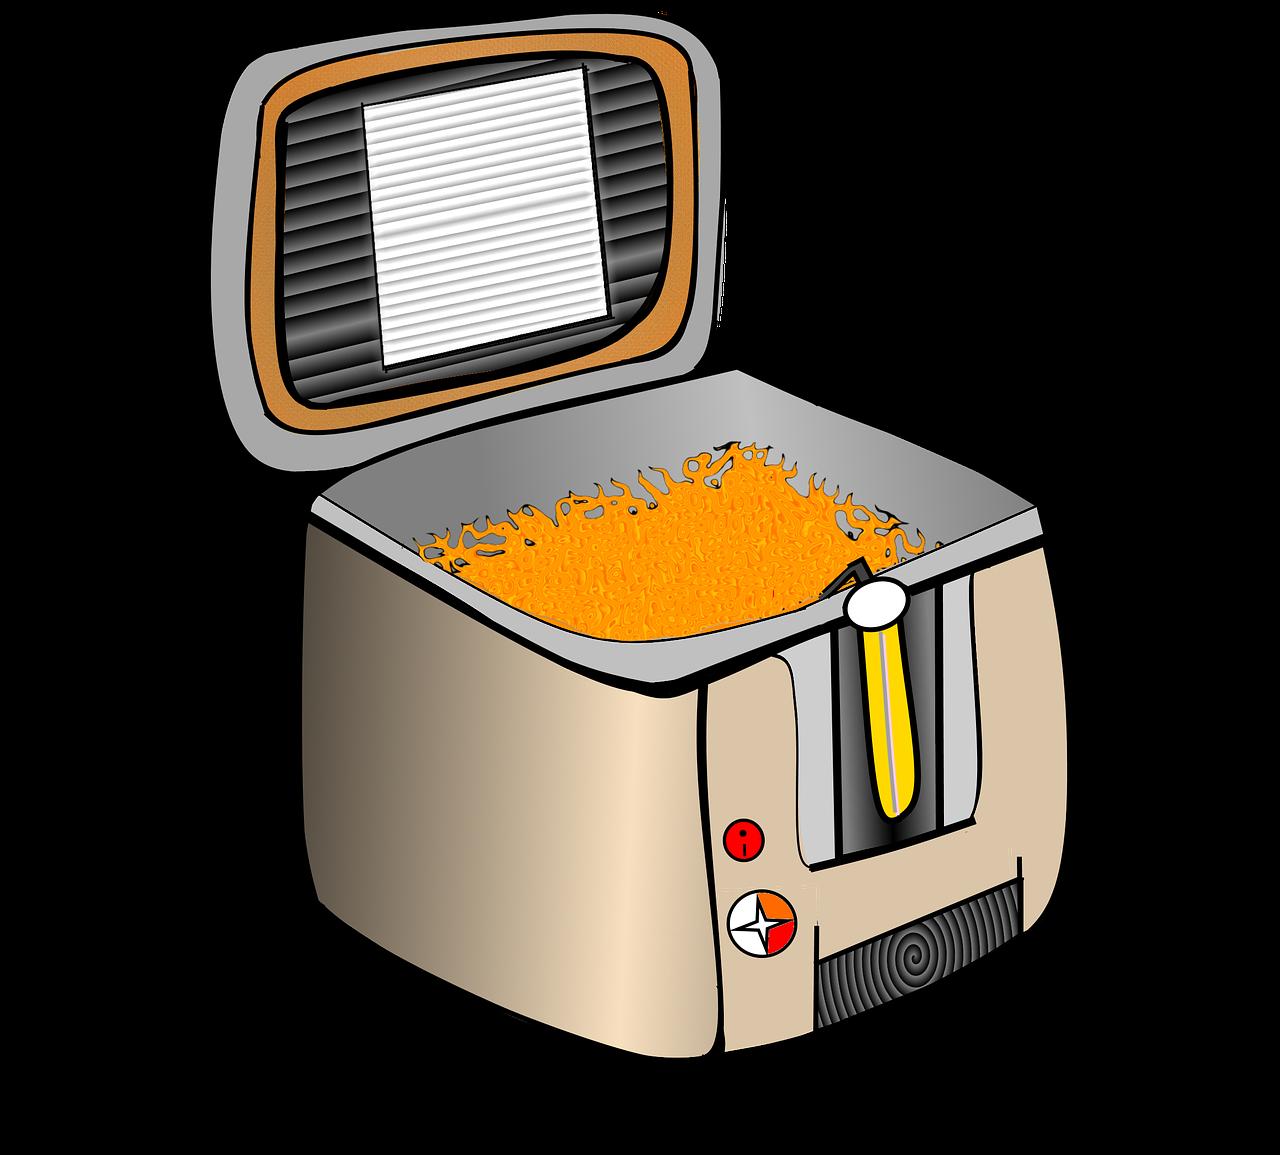 La friteuse, un accessoire rapide pour toutes vos fritures à la maison.